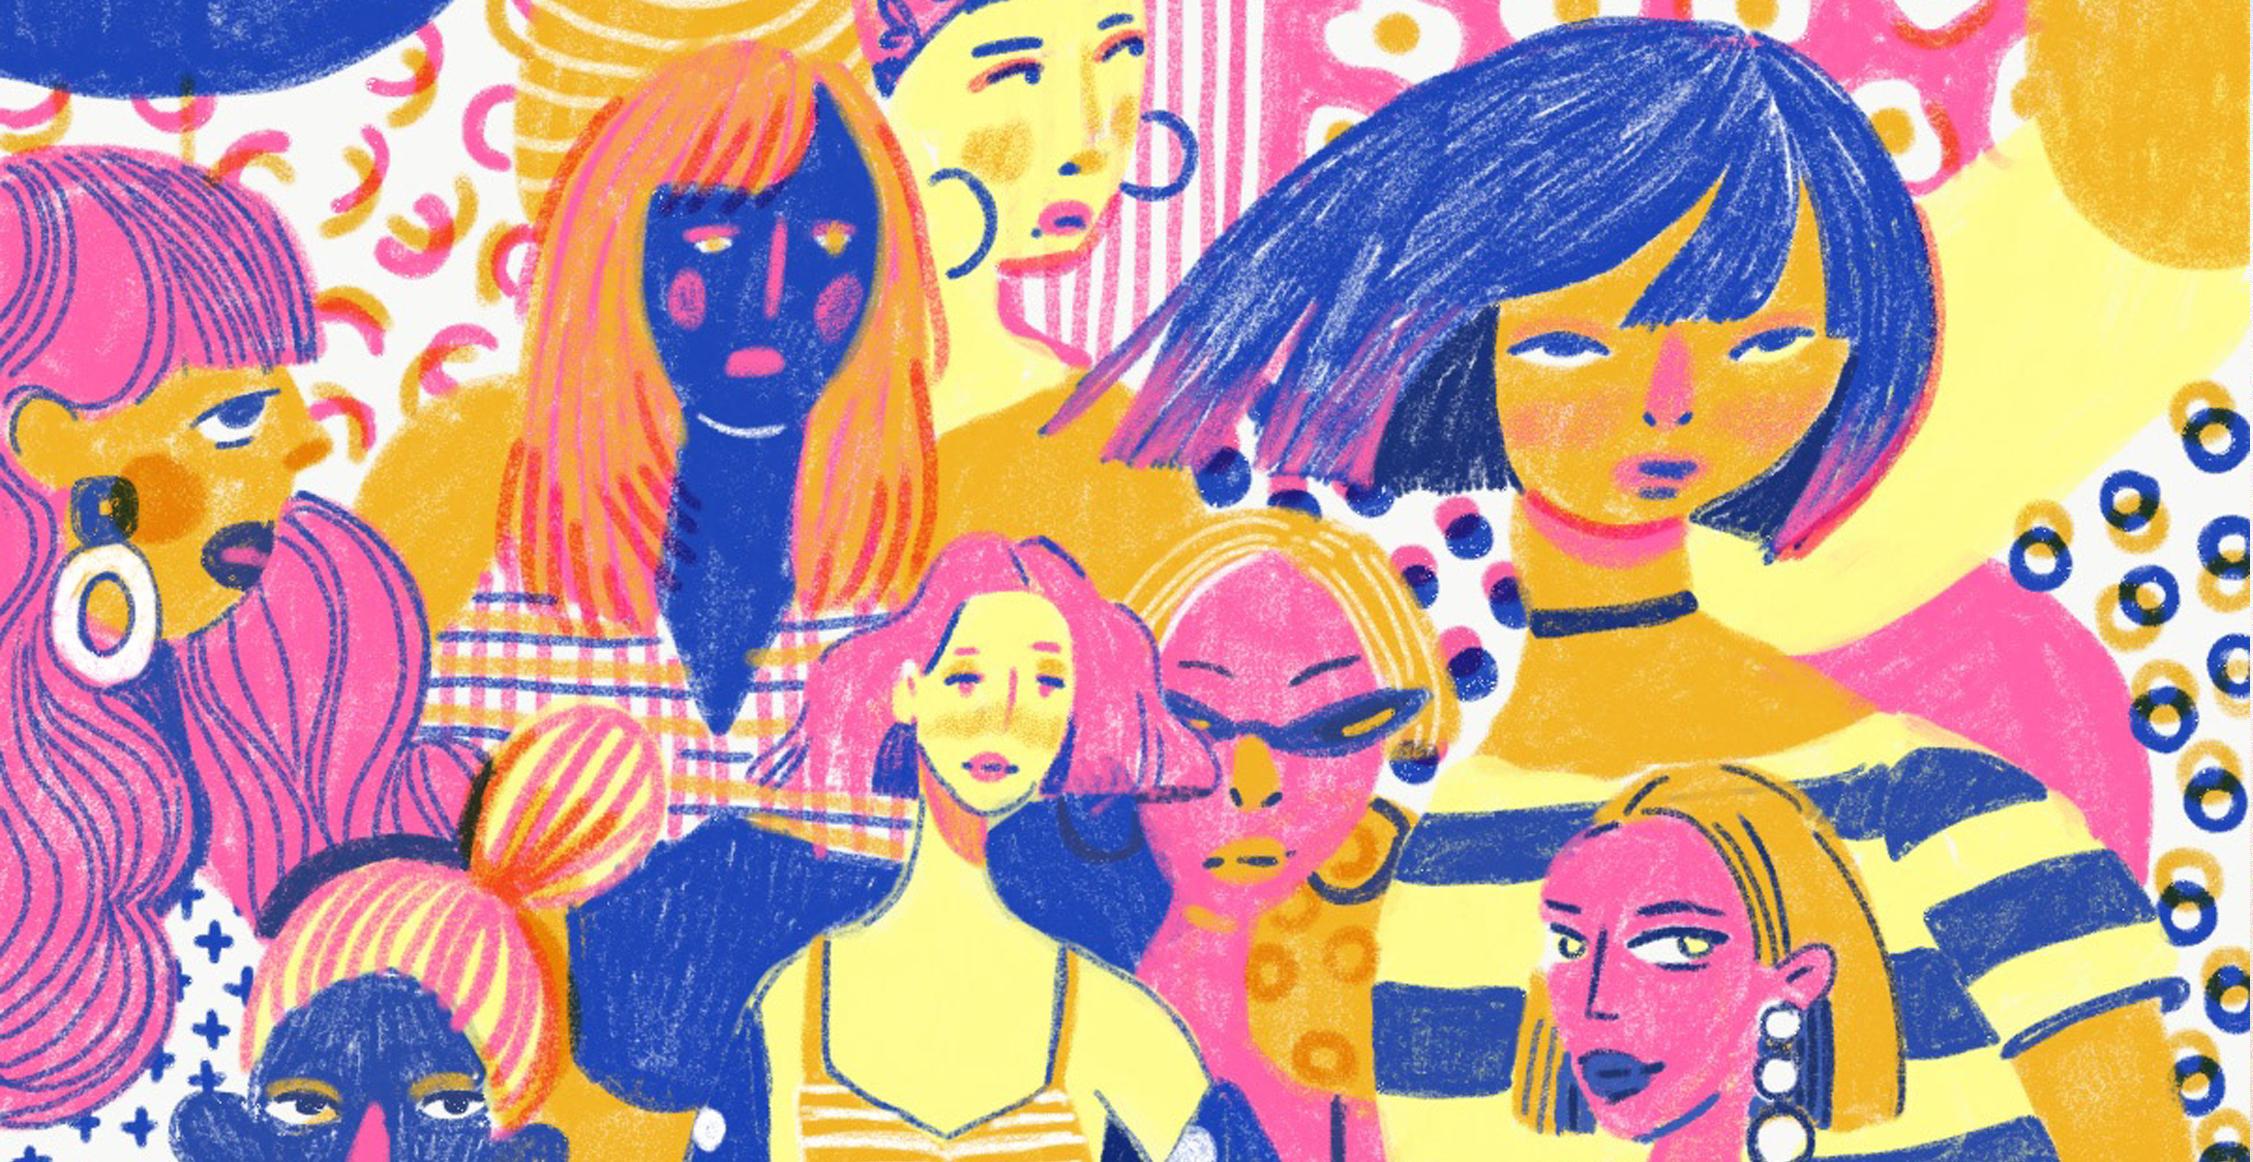 Статья, Литературные героини, которые вдохновляют читателей, Вокруг книг